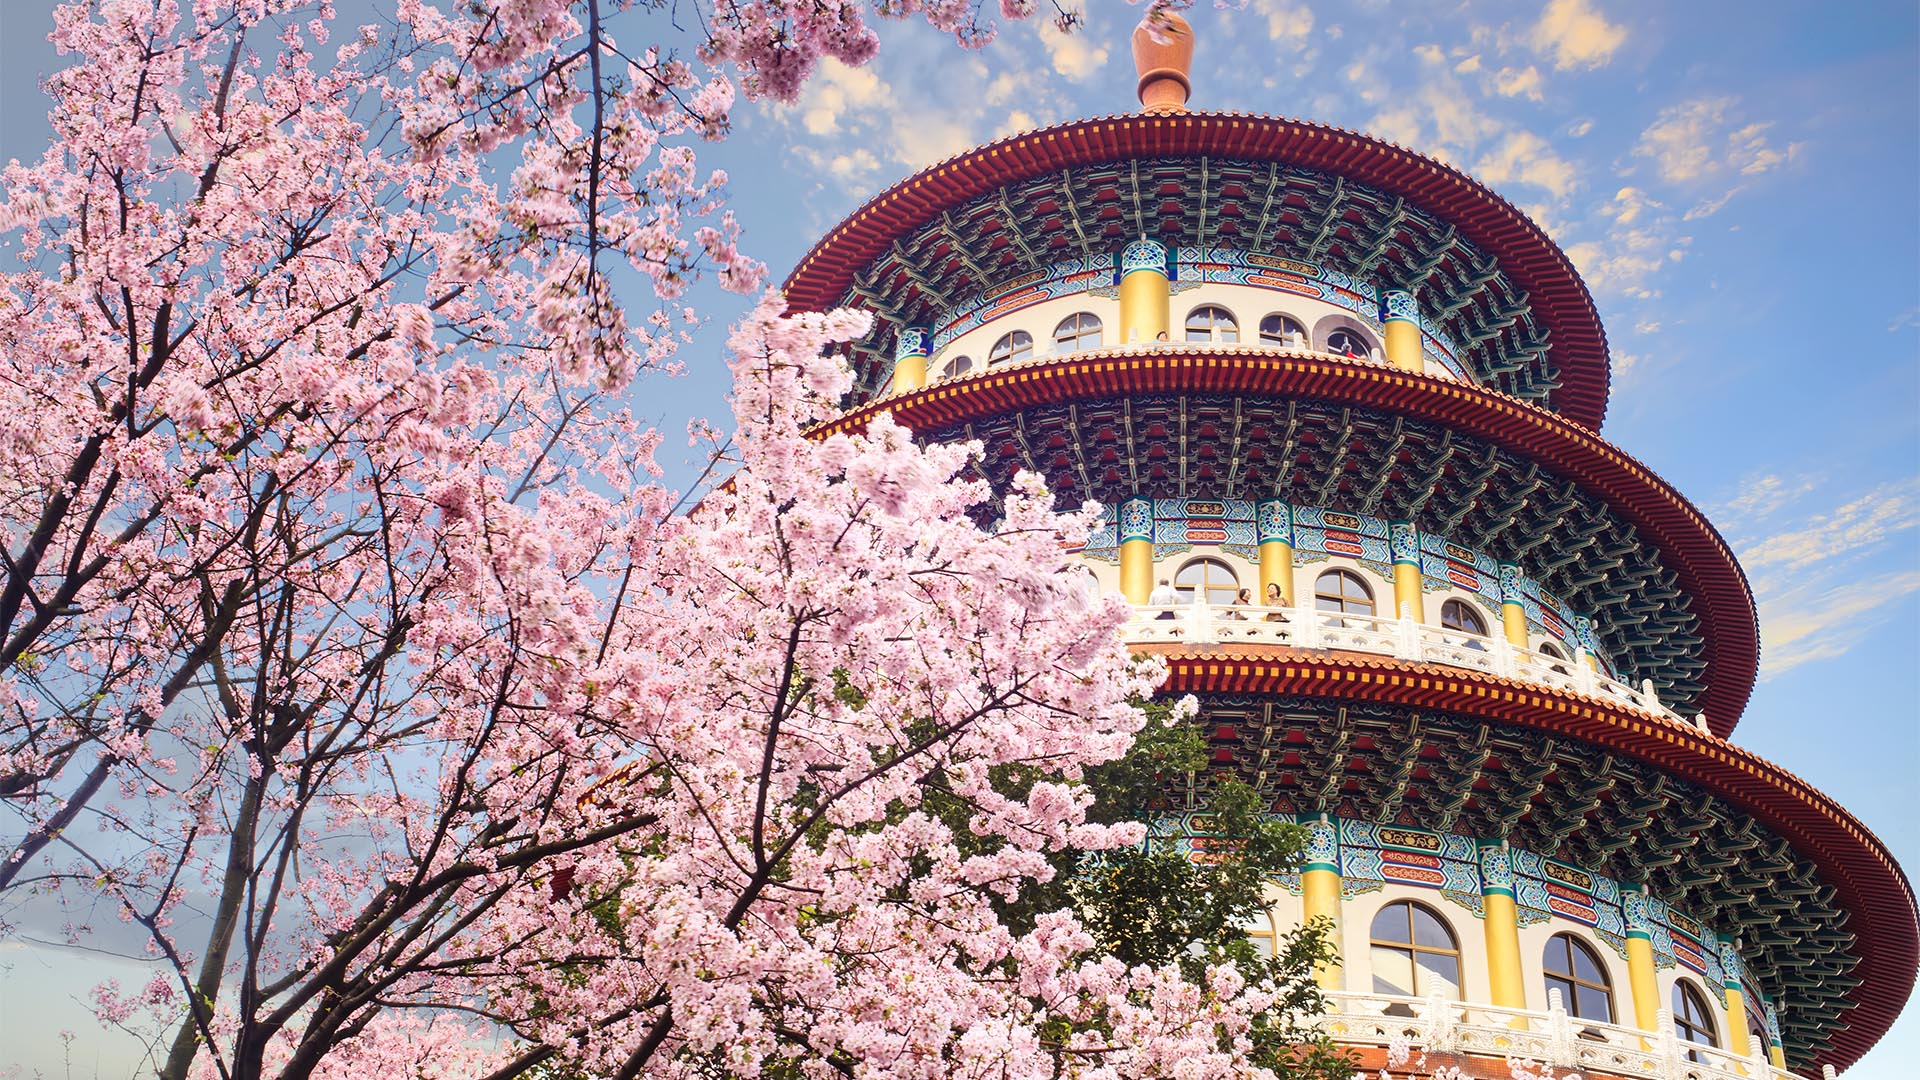 Taipei es la capital de Taiwán. Es una ciudad urbana segura y moderna con raíces japonesas, mercados concurridos y estructuras contemporáneas. La amenaza del terrorismo nacional en Taiwán es casi inexistente.